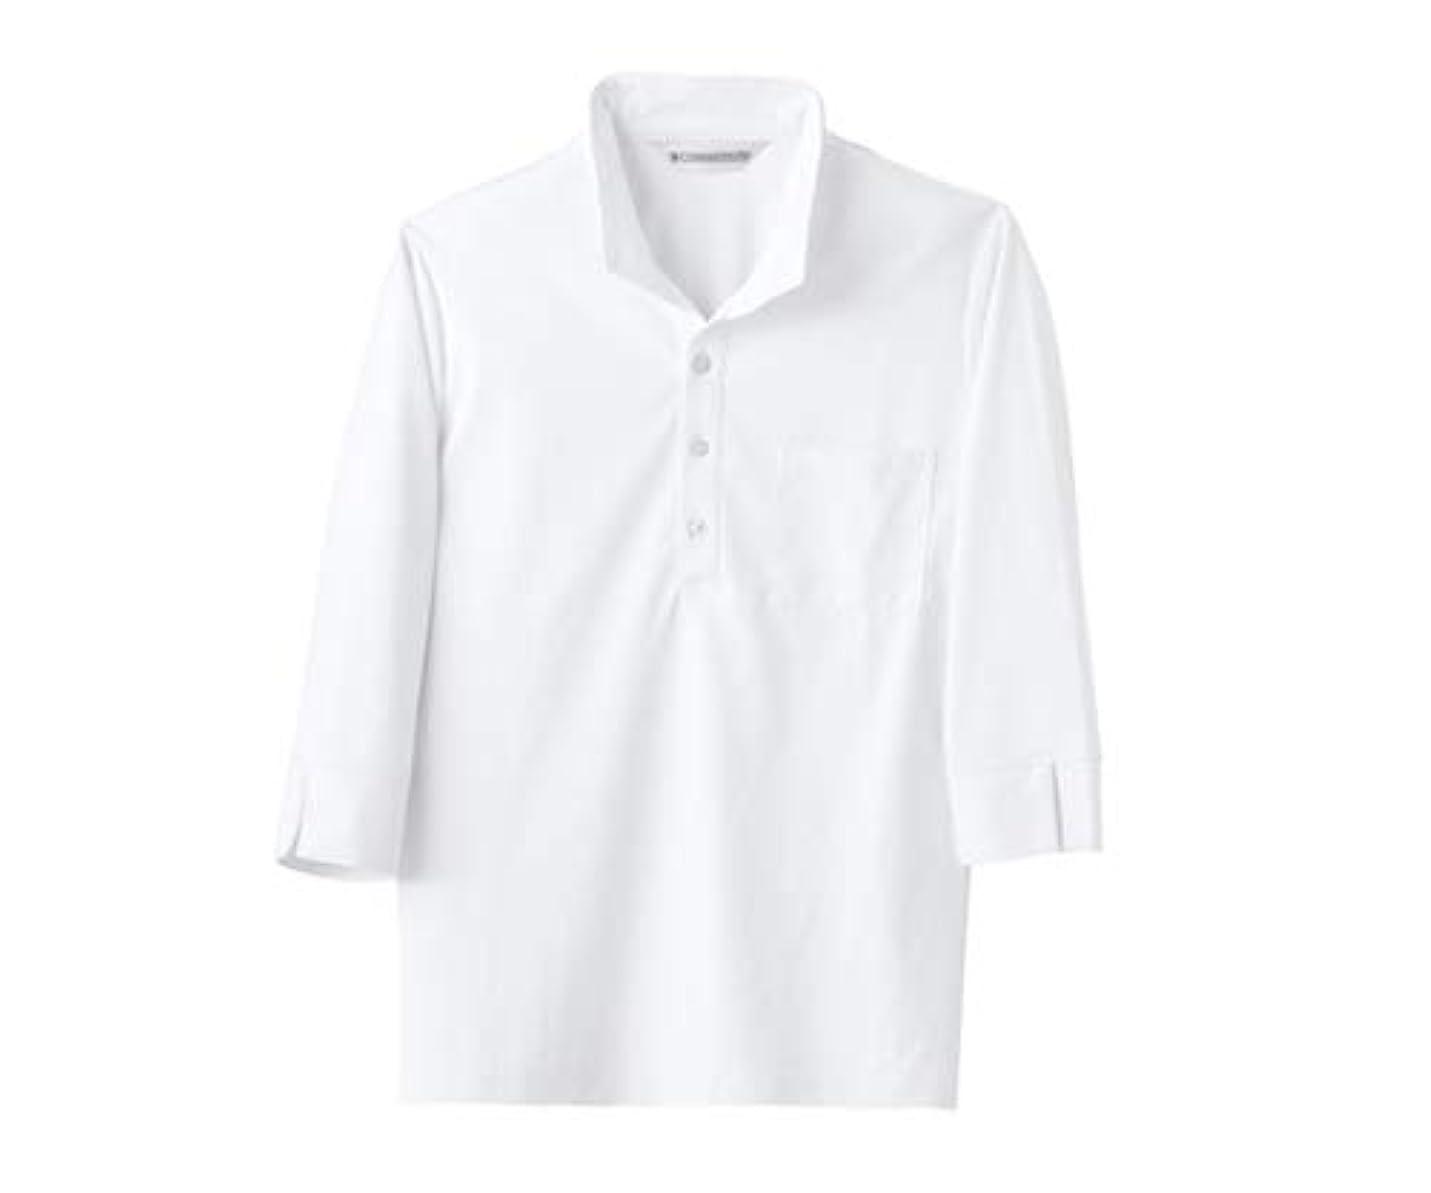 八ゴールド技術ニットシャツ 男女兼用 7分袖 白/61-6146-53